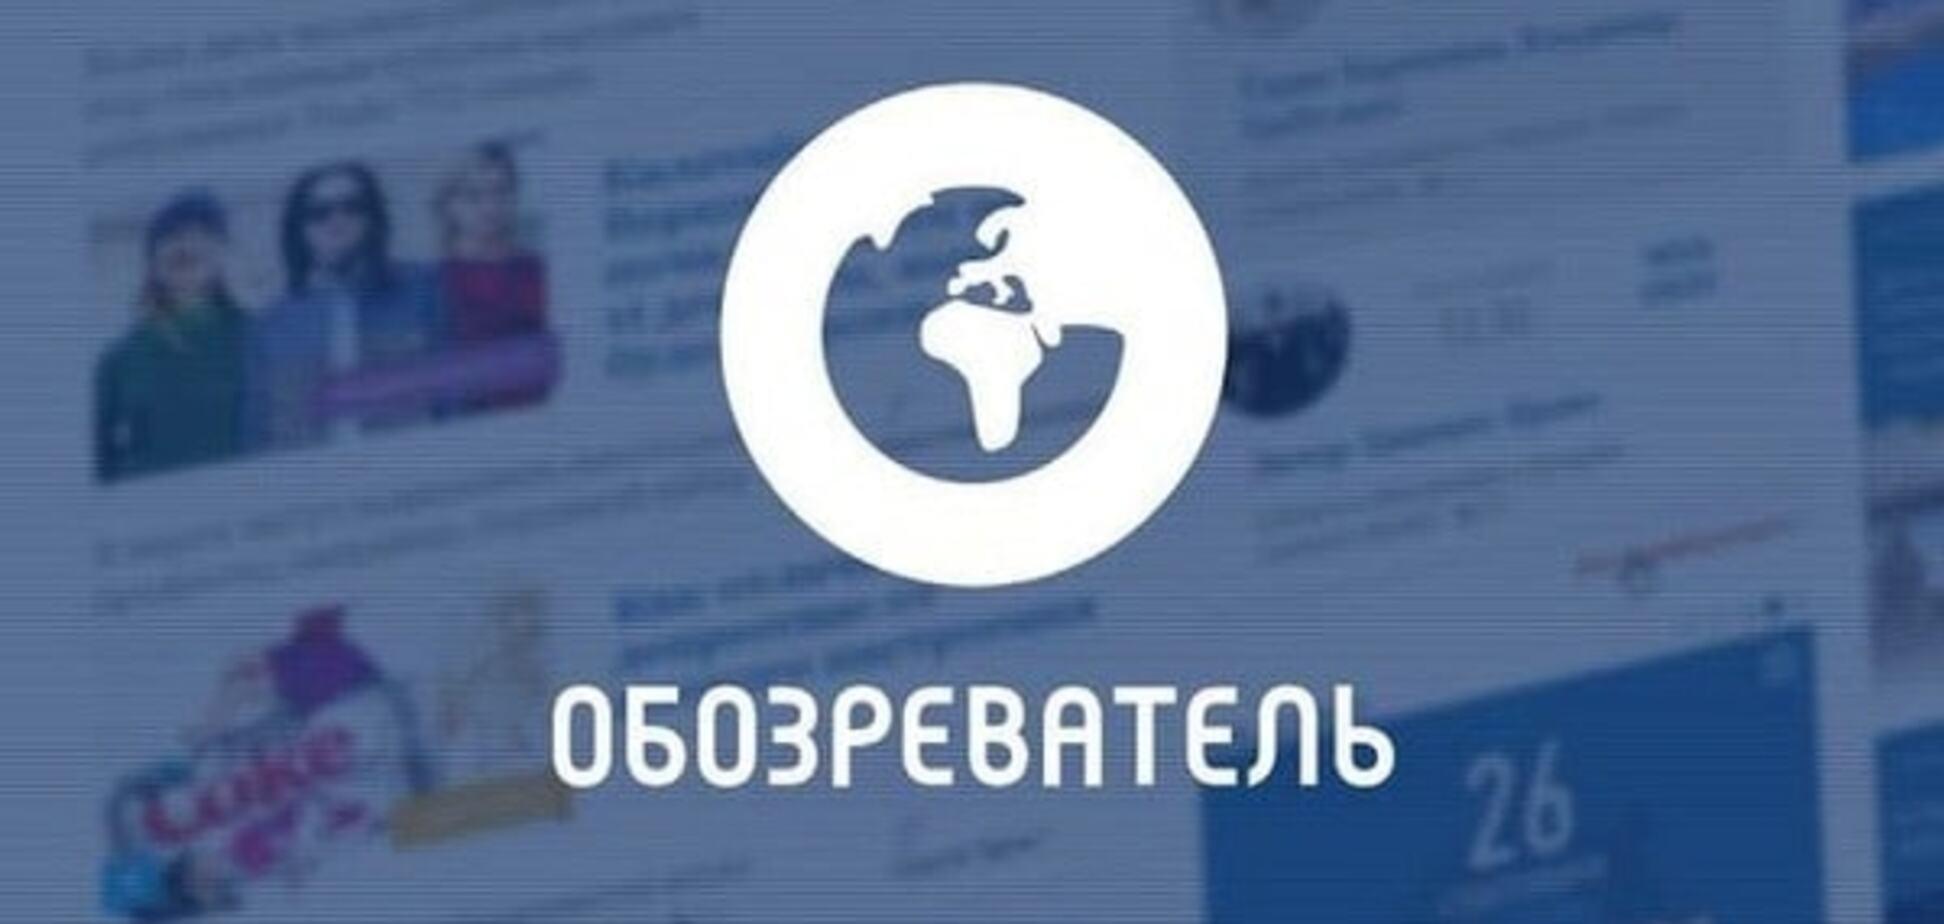 Убийством Гиви Путин передал привет 'шахтерам-трактористам'